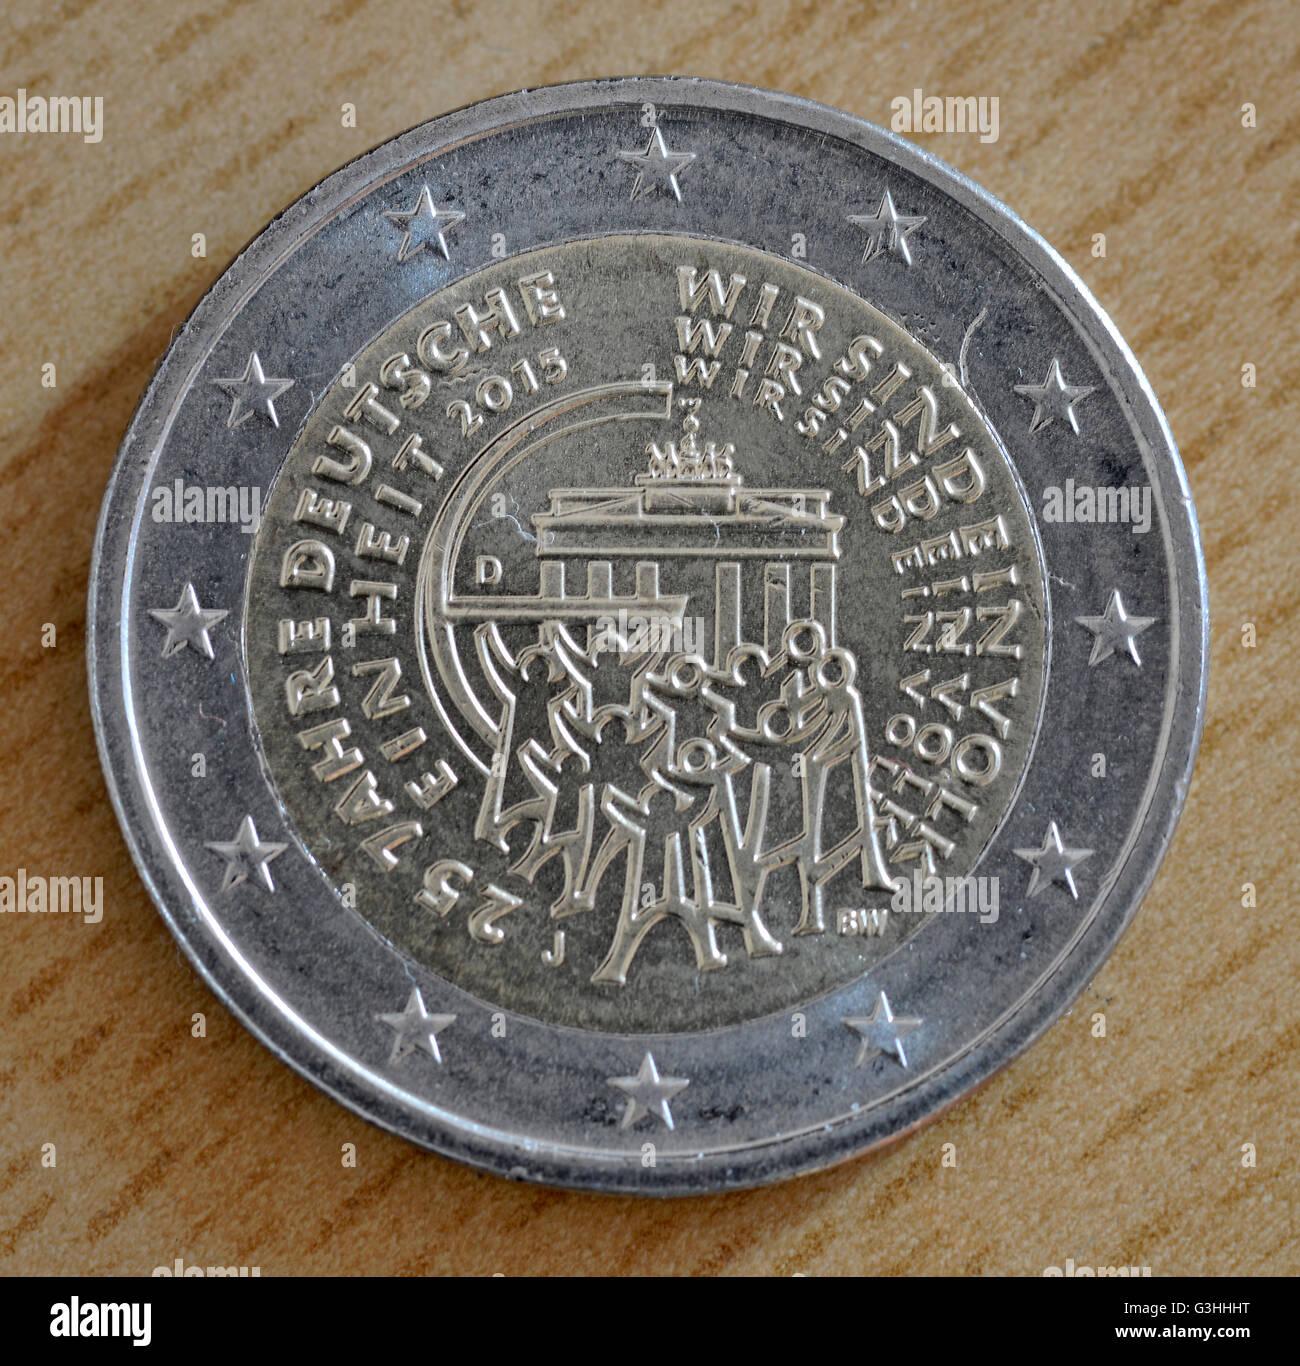 2 Euro Coins Photos 2 Euro Coins Images Alamy